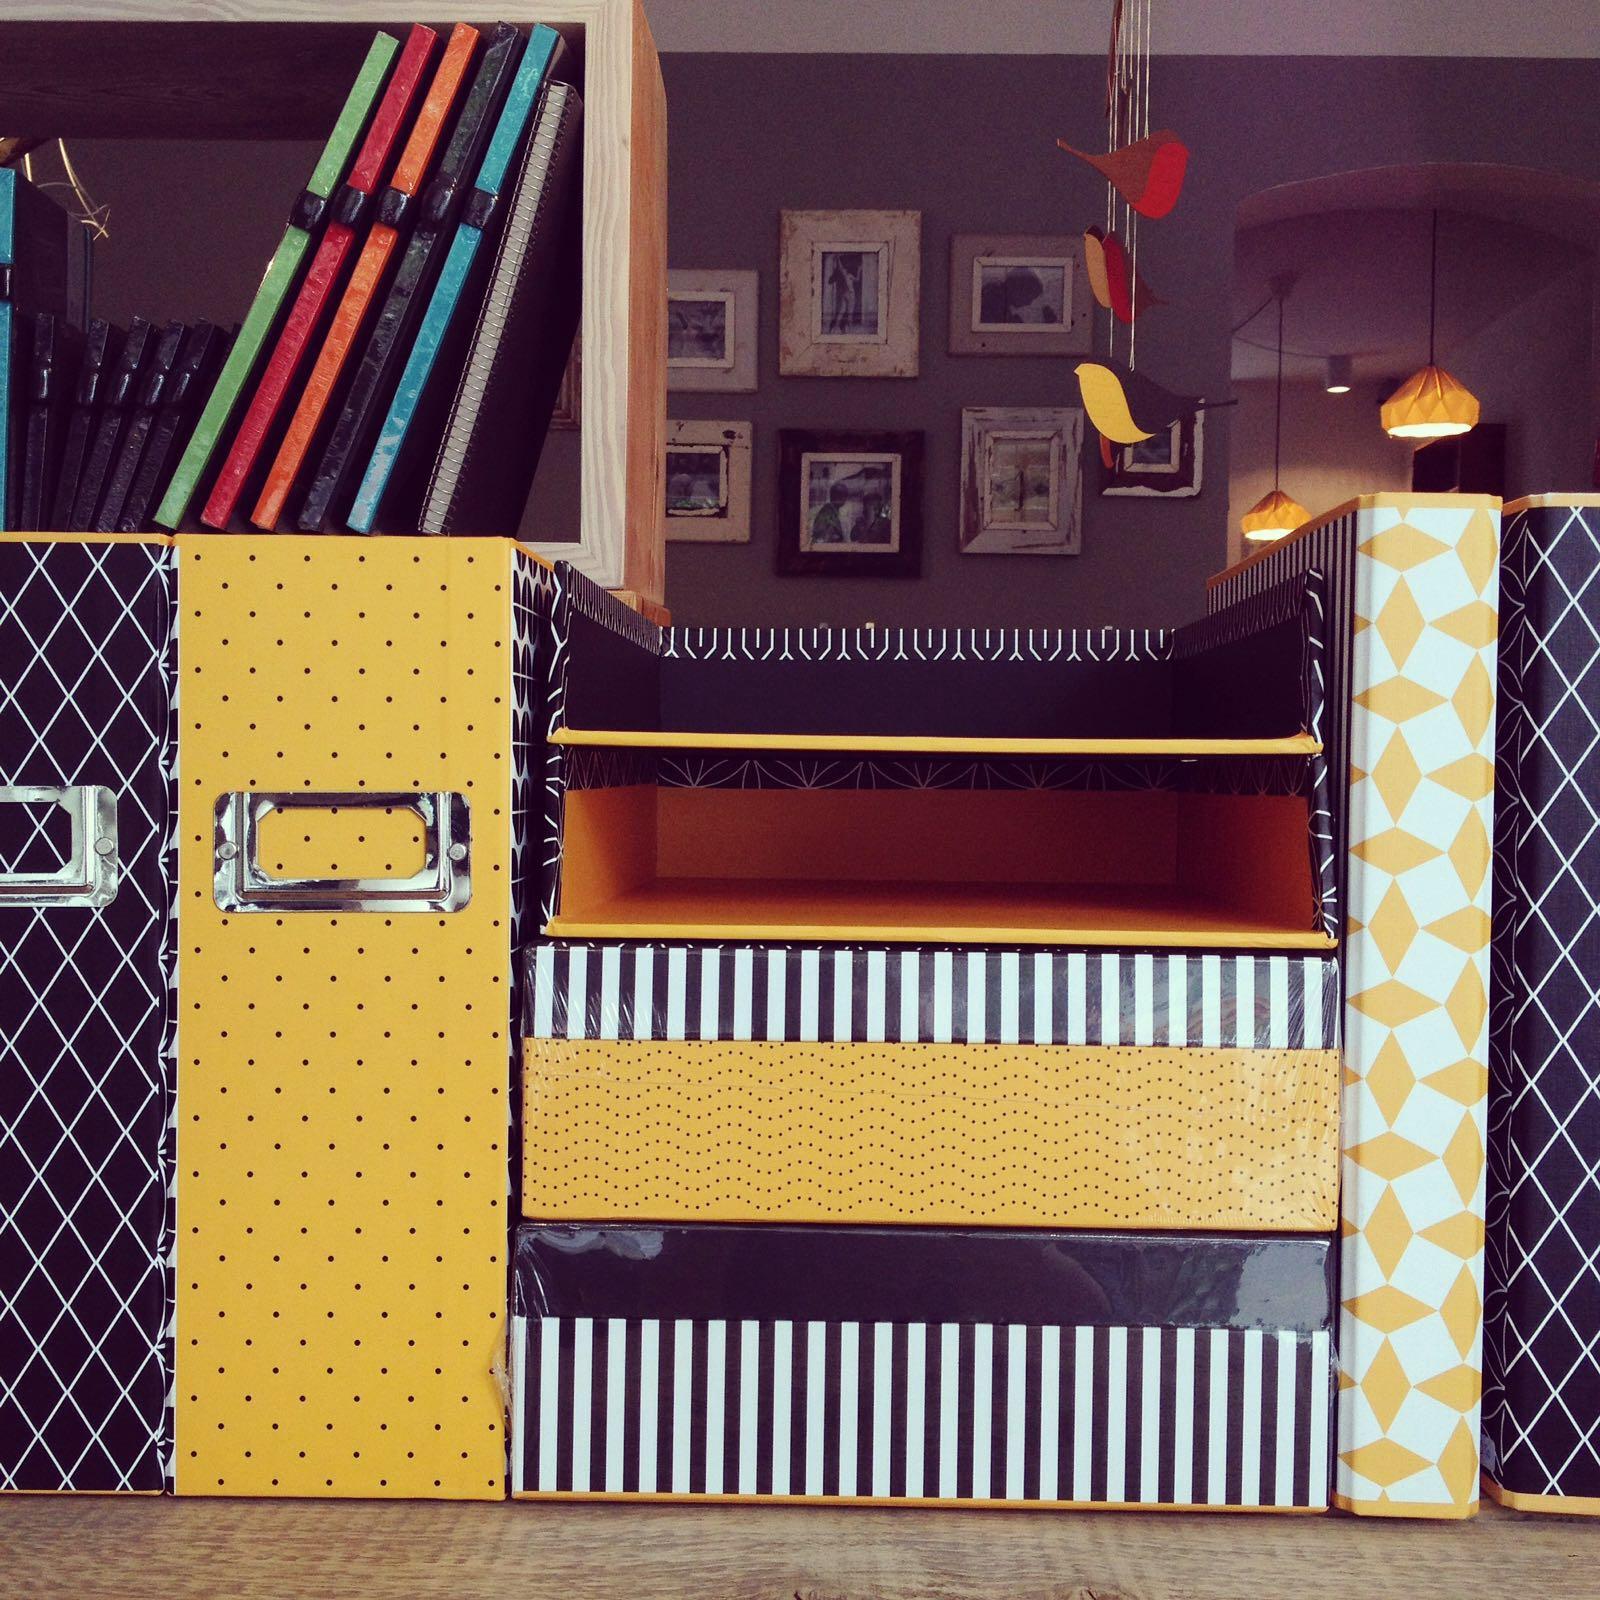 Stehsammler design  Stehsammler design Archives - Zweite Liebe